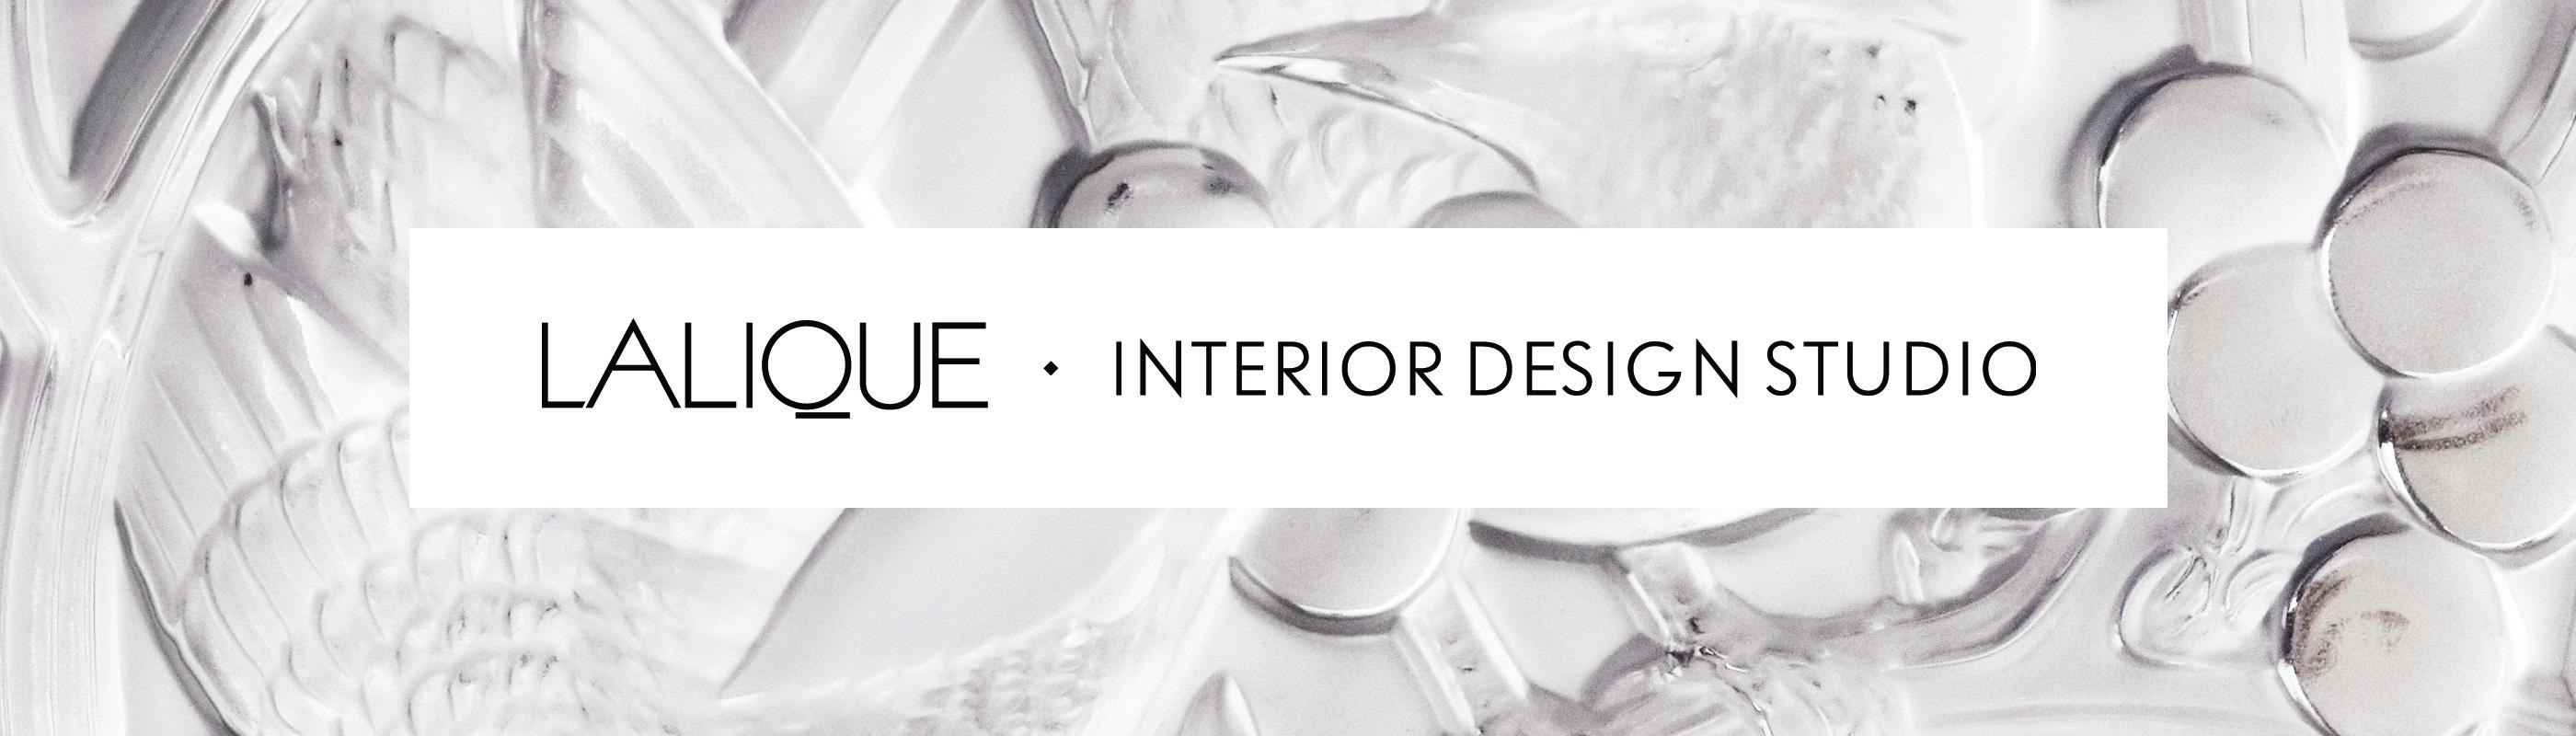 Lalique Interior Design Studio